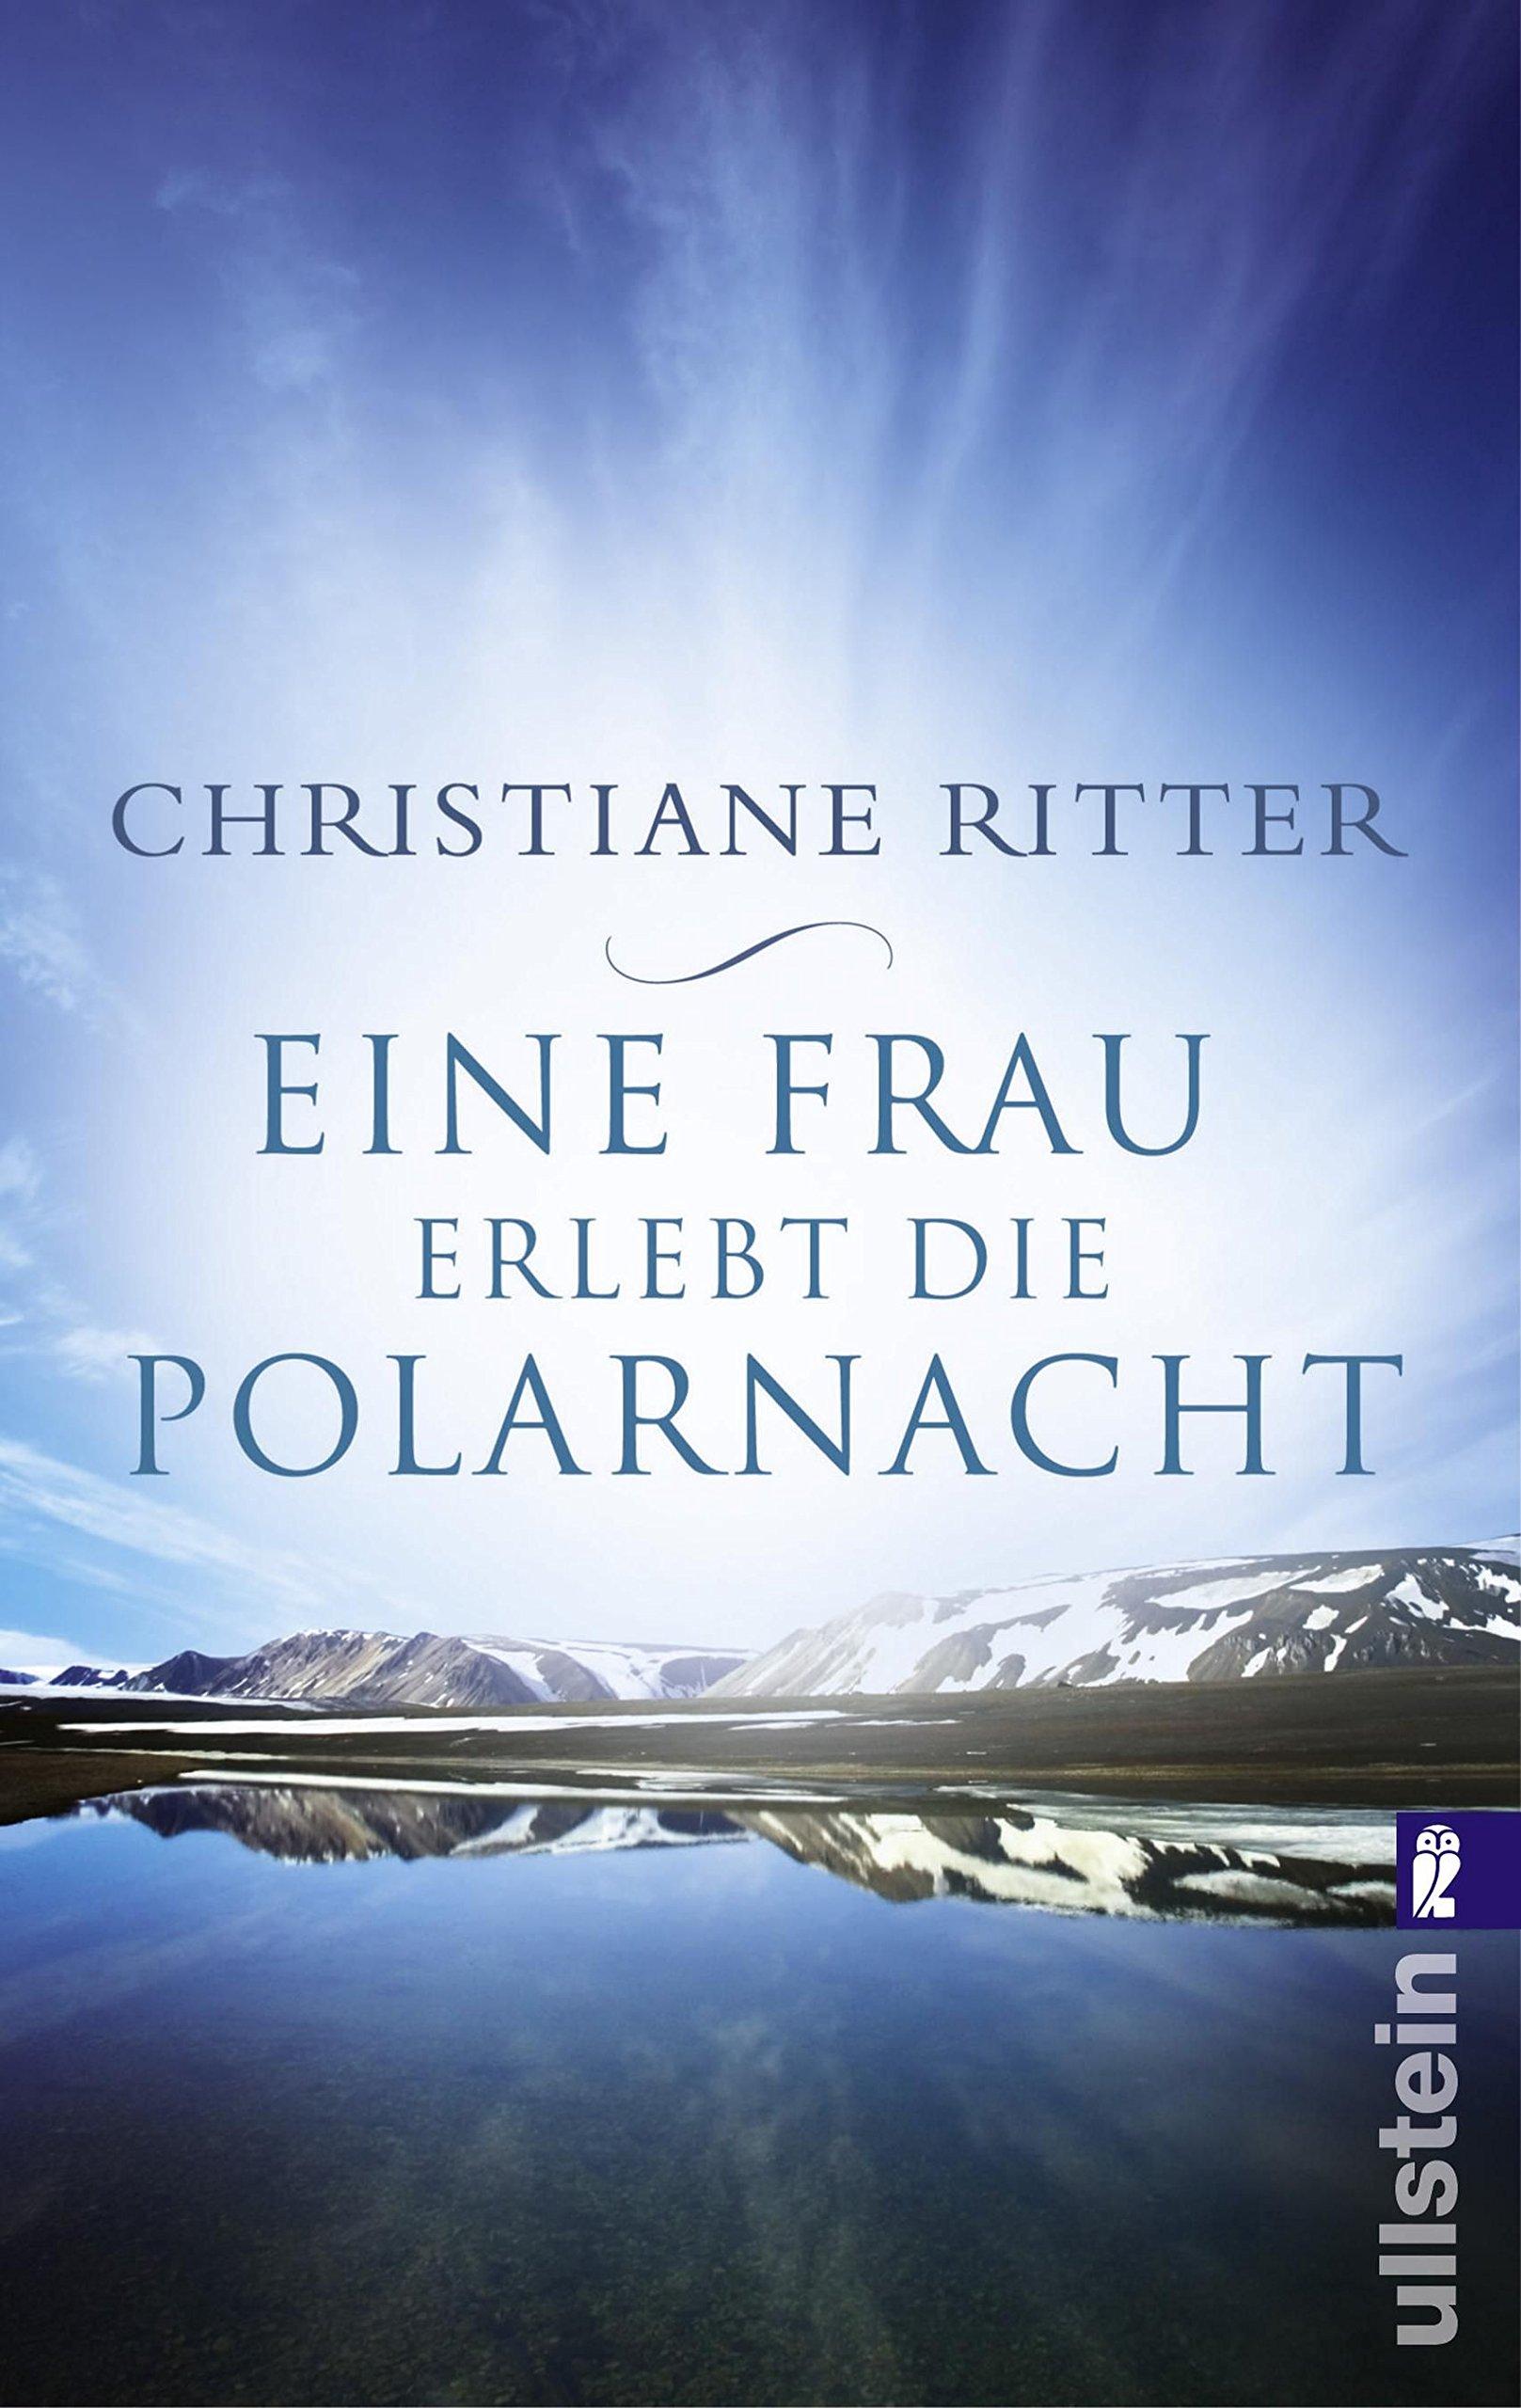 Eine Frau erlebt die Polarnacht Taschenbuch – 15. Juli 2009 Christiane Ritter Ullstein Taschenbuch 3548372848 Reiseberichte / Europa